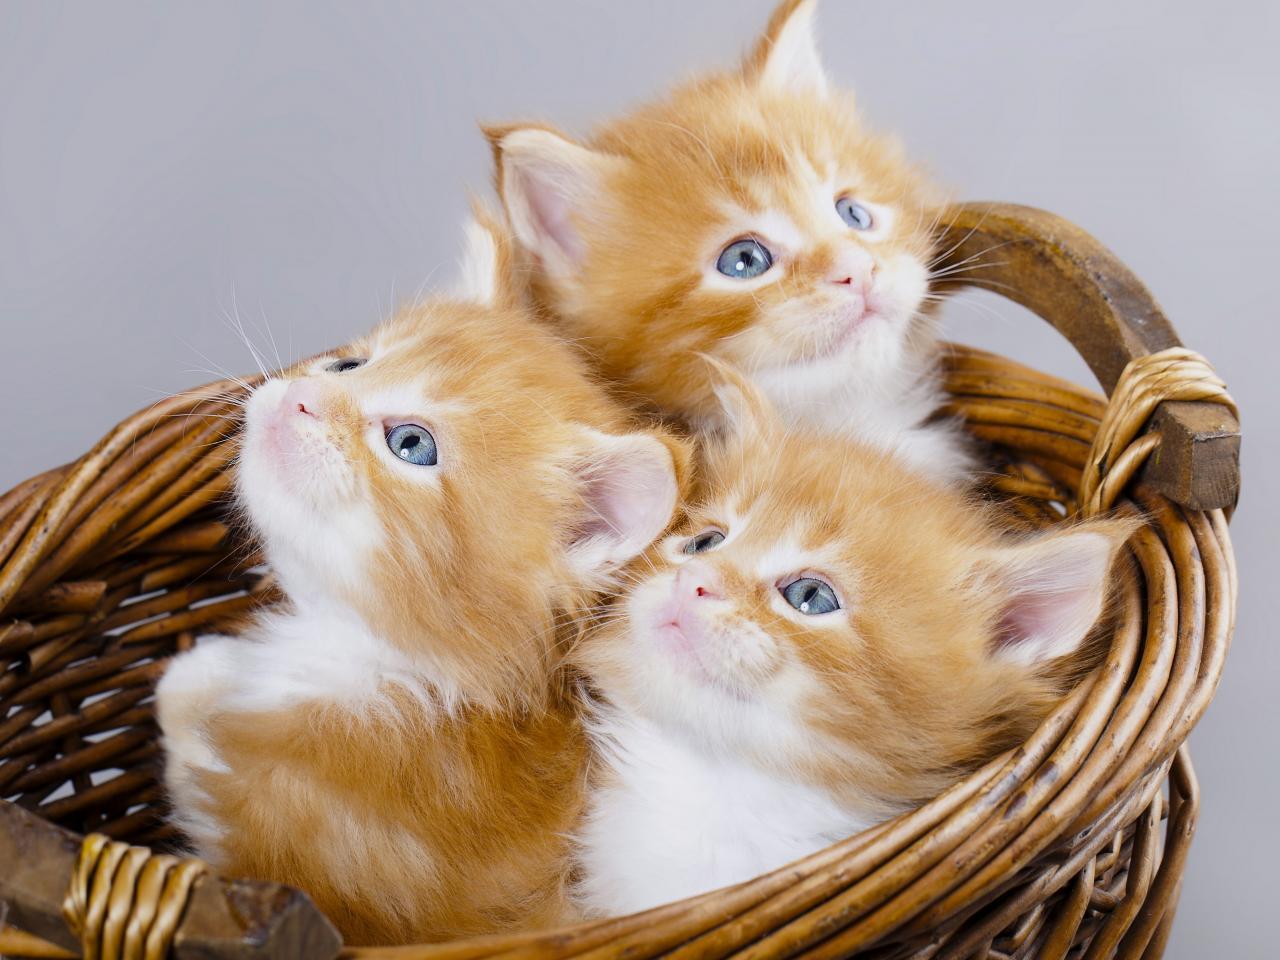 Cute Puppies Image Wallpaper قطط رومي اجمل اشكال القطط الرومى الرائعة حبيبي